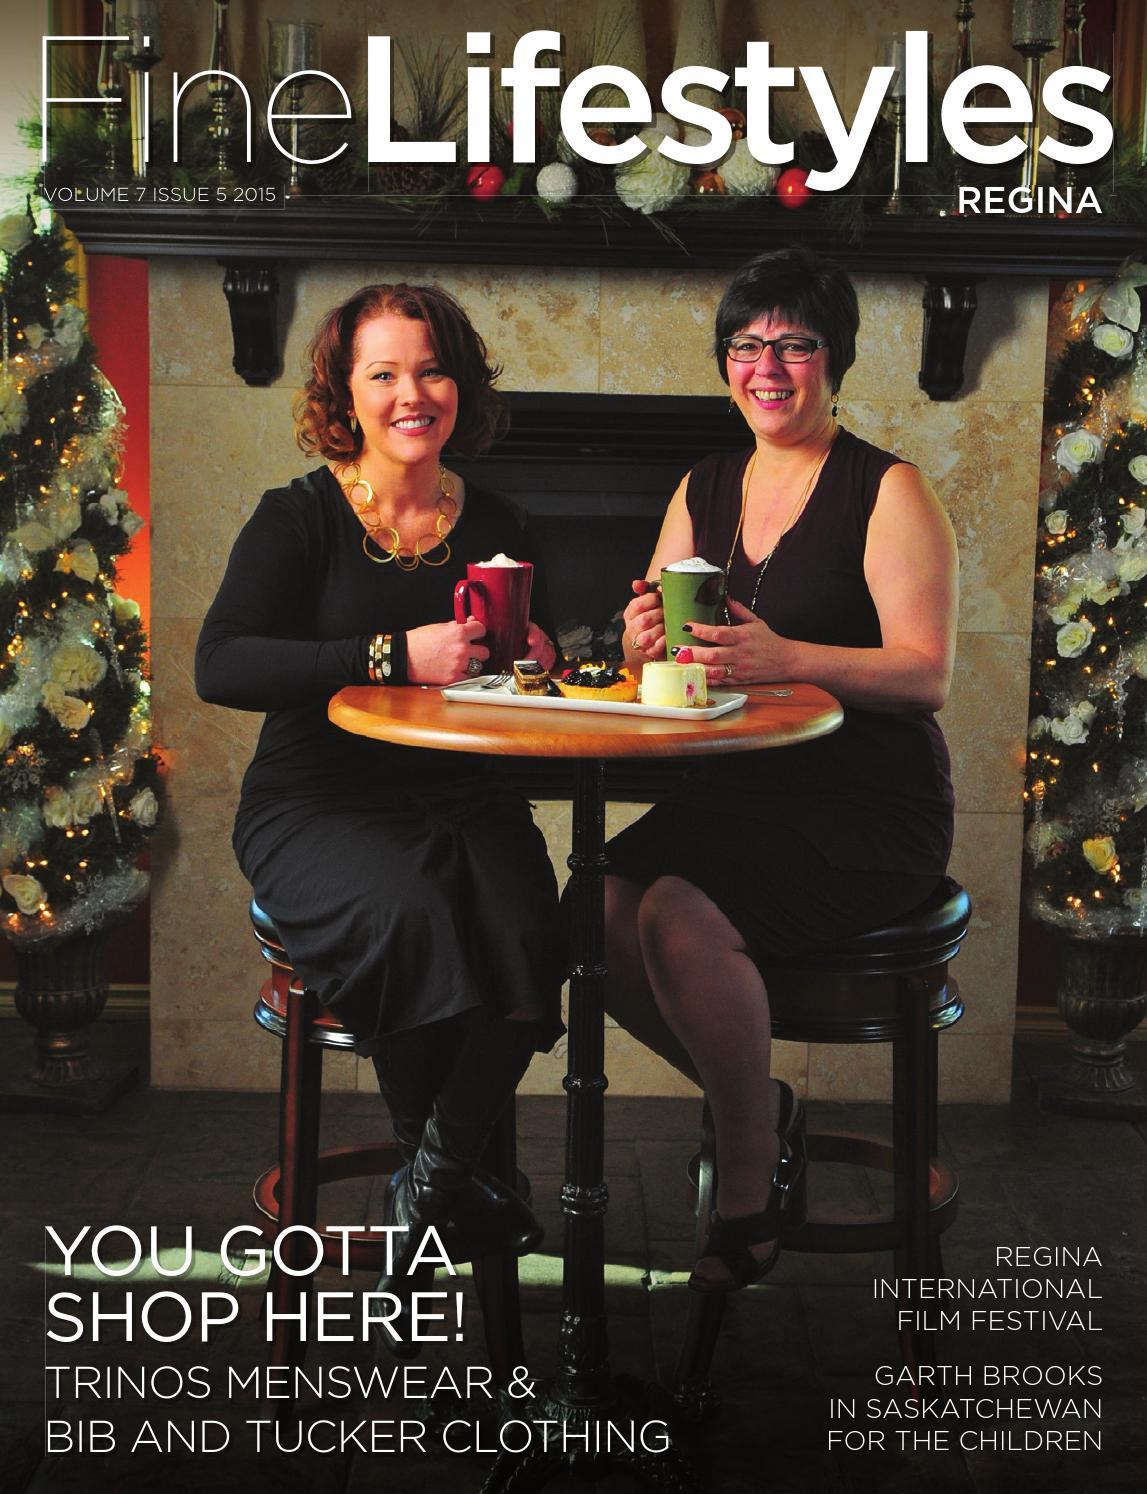 Fine lifestyles regina volume 7 issue 5 by fine lifestyles for 306 salon regina